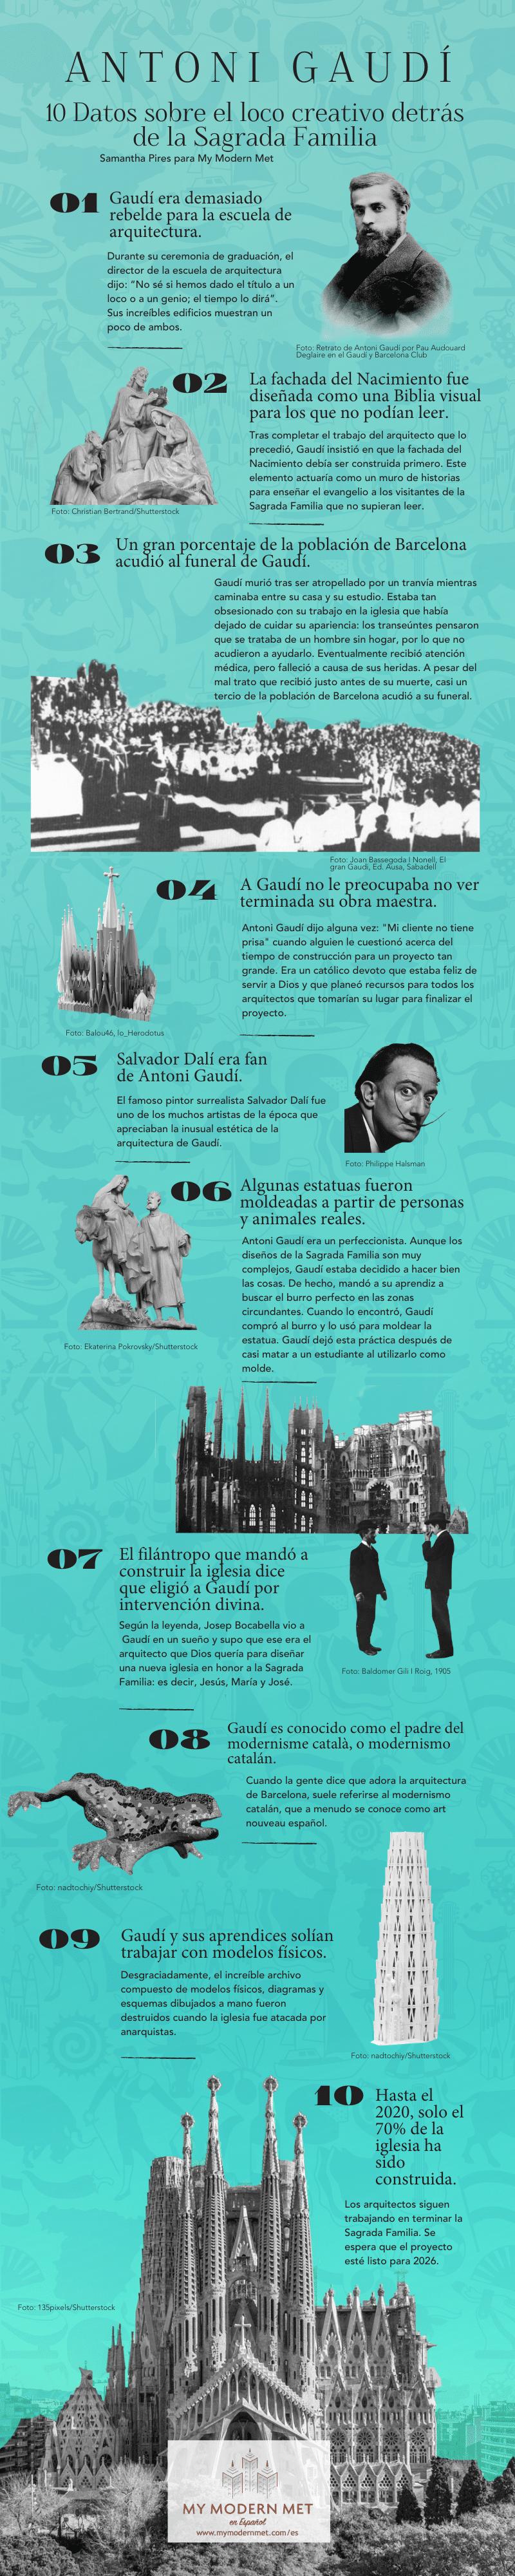 Infografía de Antoni Gaudí